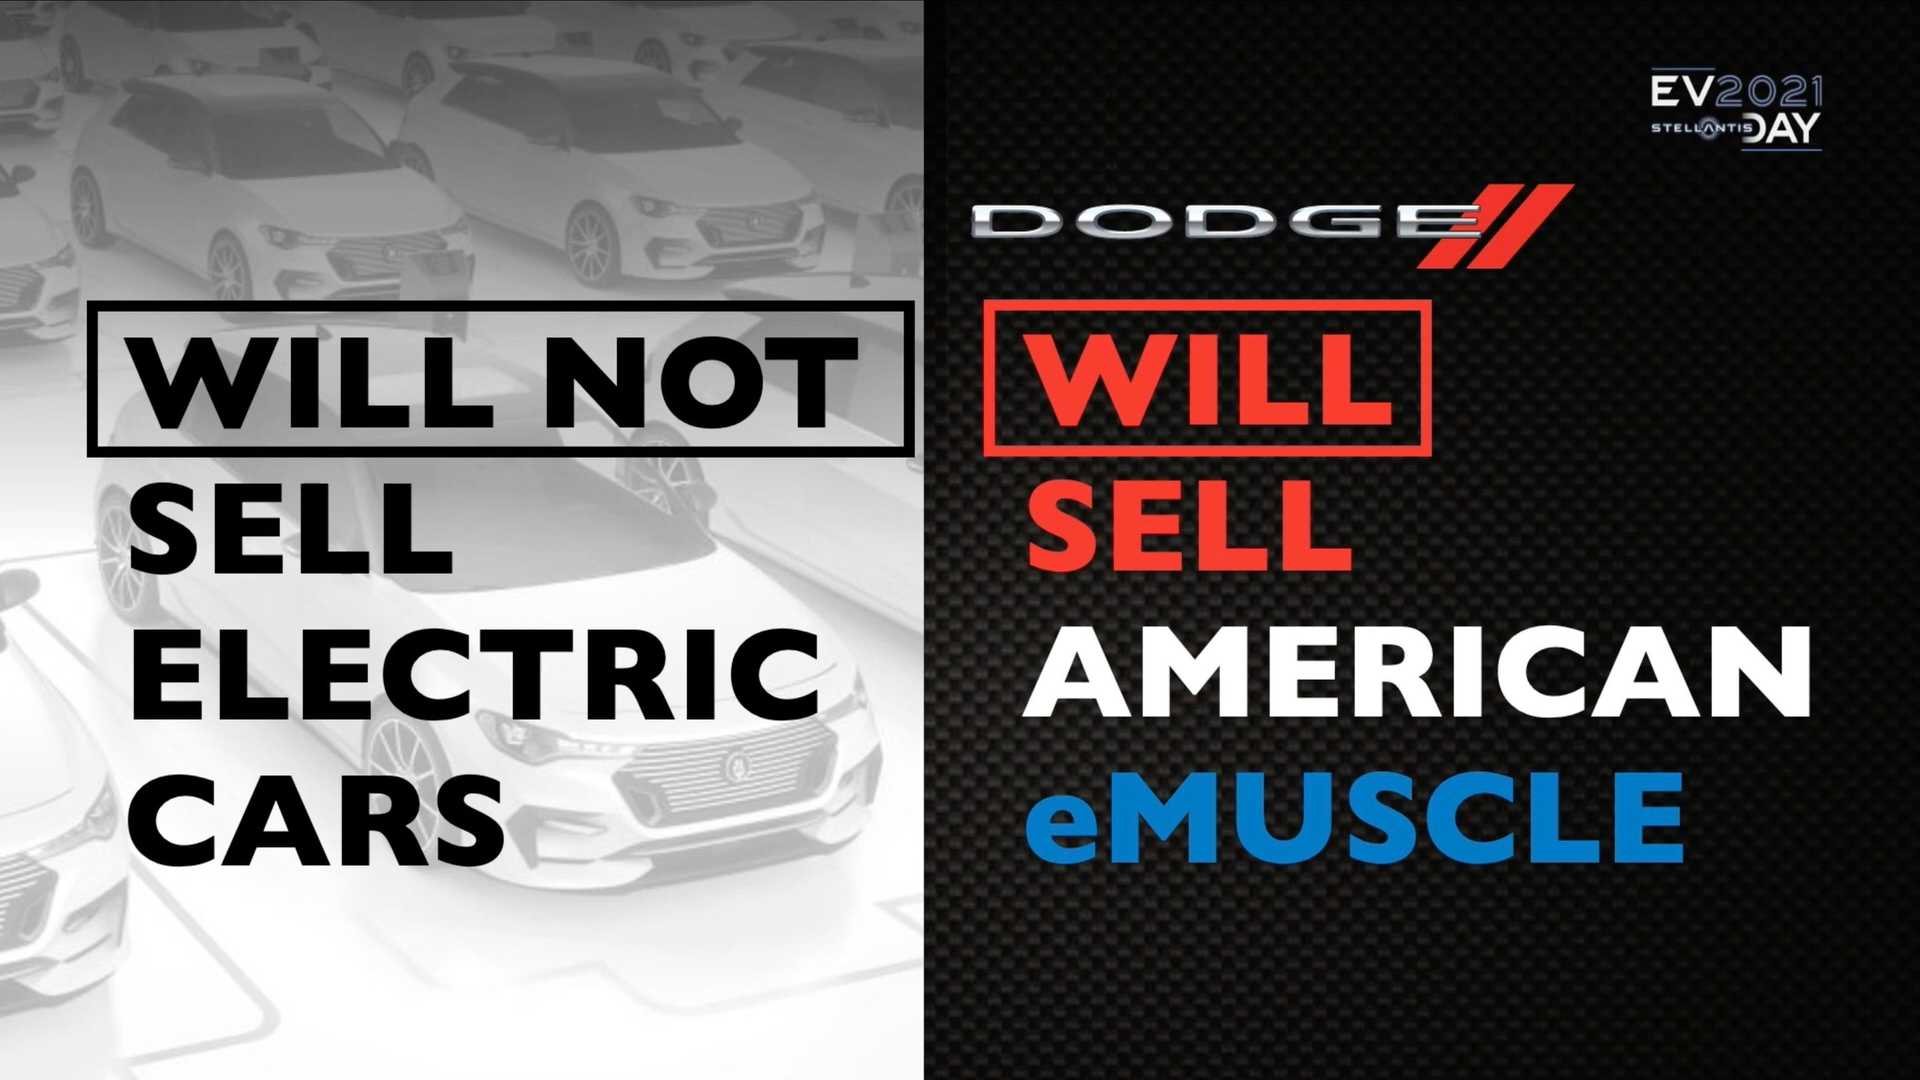 dodge-electric-muscle-car-teaser-ev.jpeg